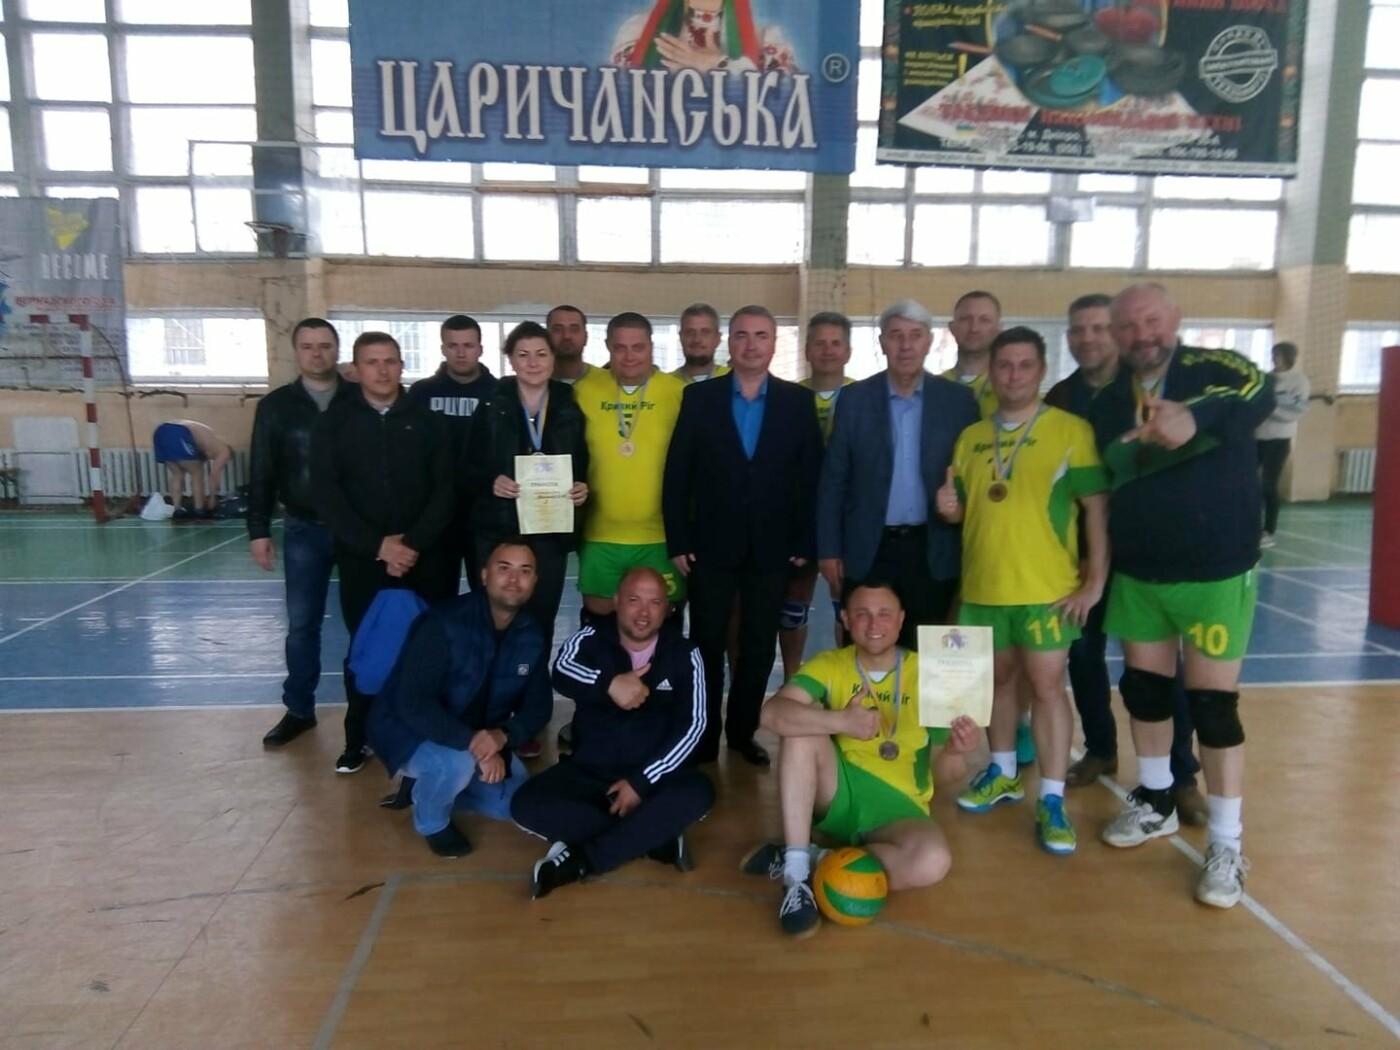 Криворожские депутаты-спортсмены стали одними из лучших на областной спартакиаде , фото-1